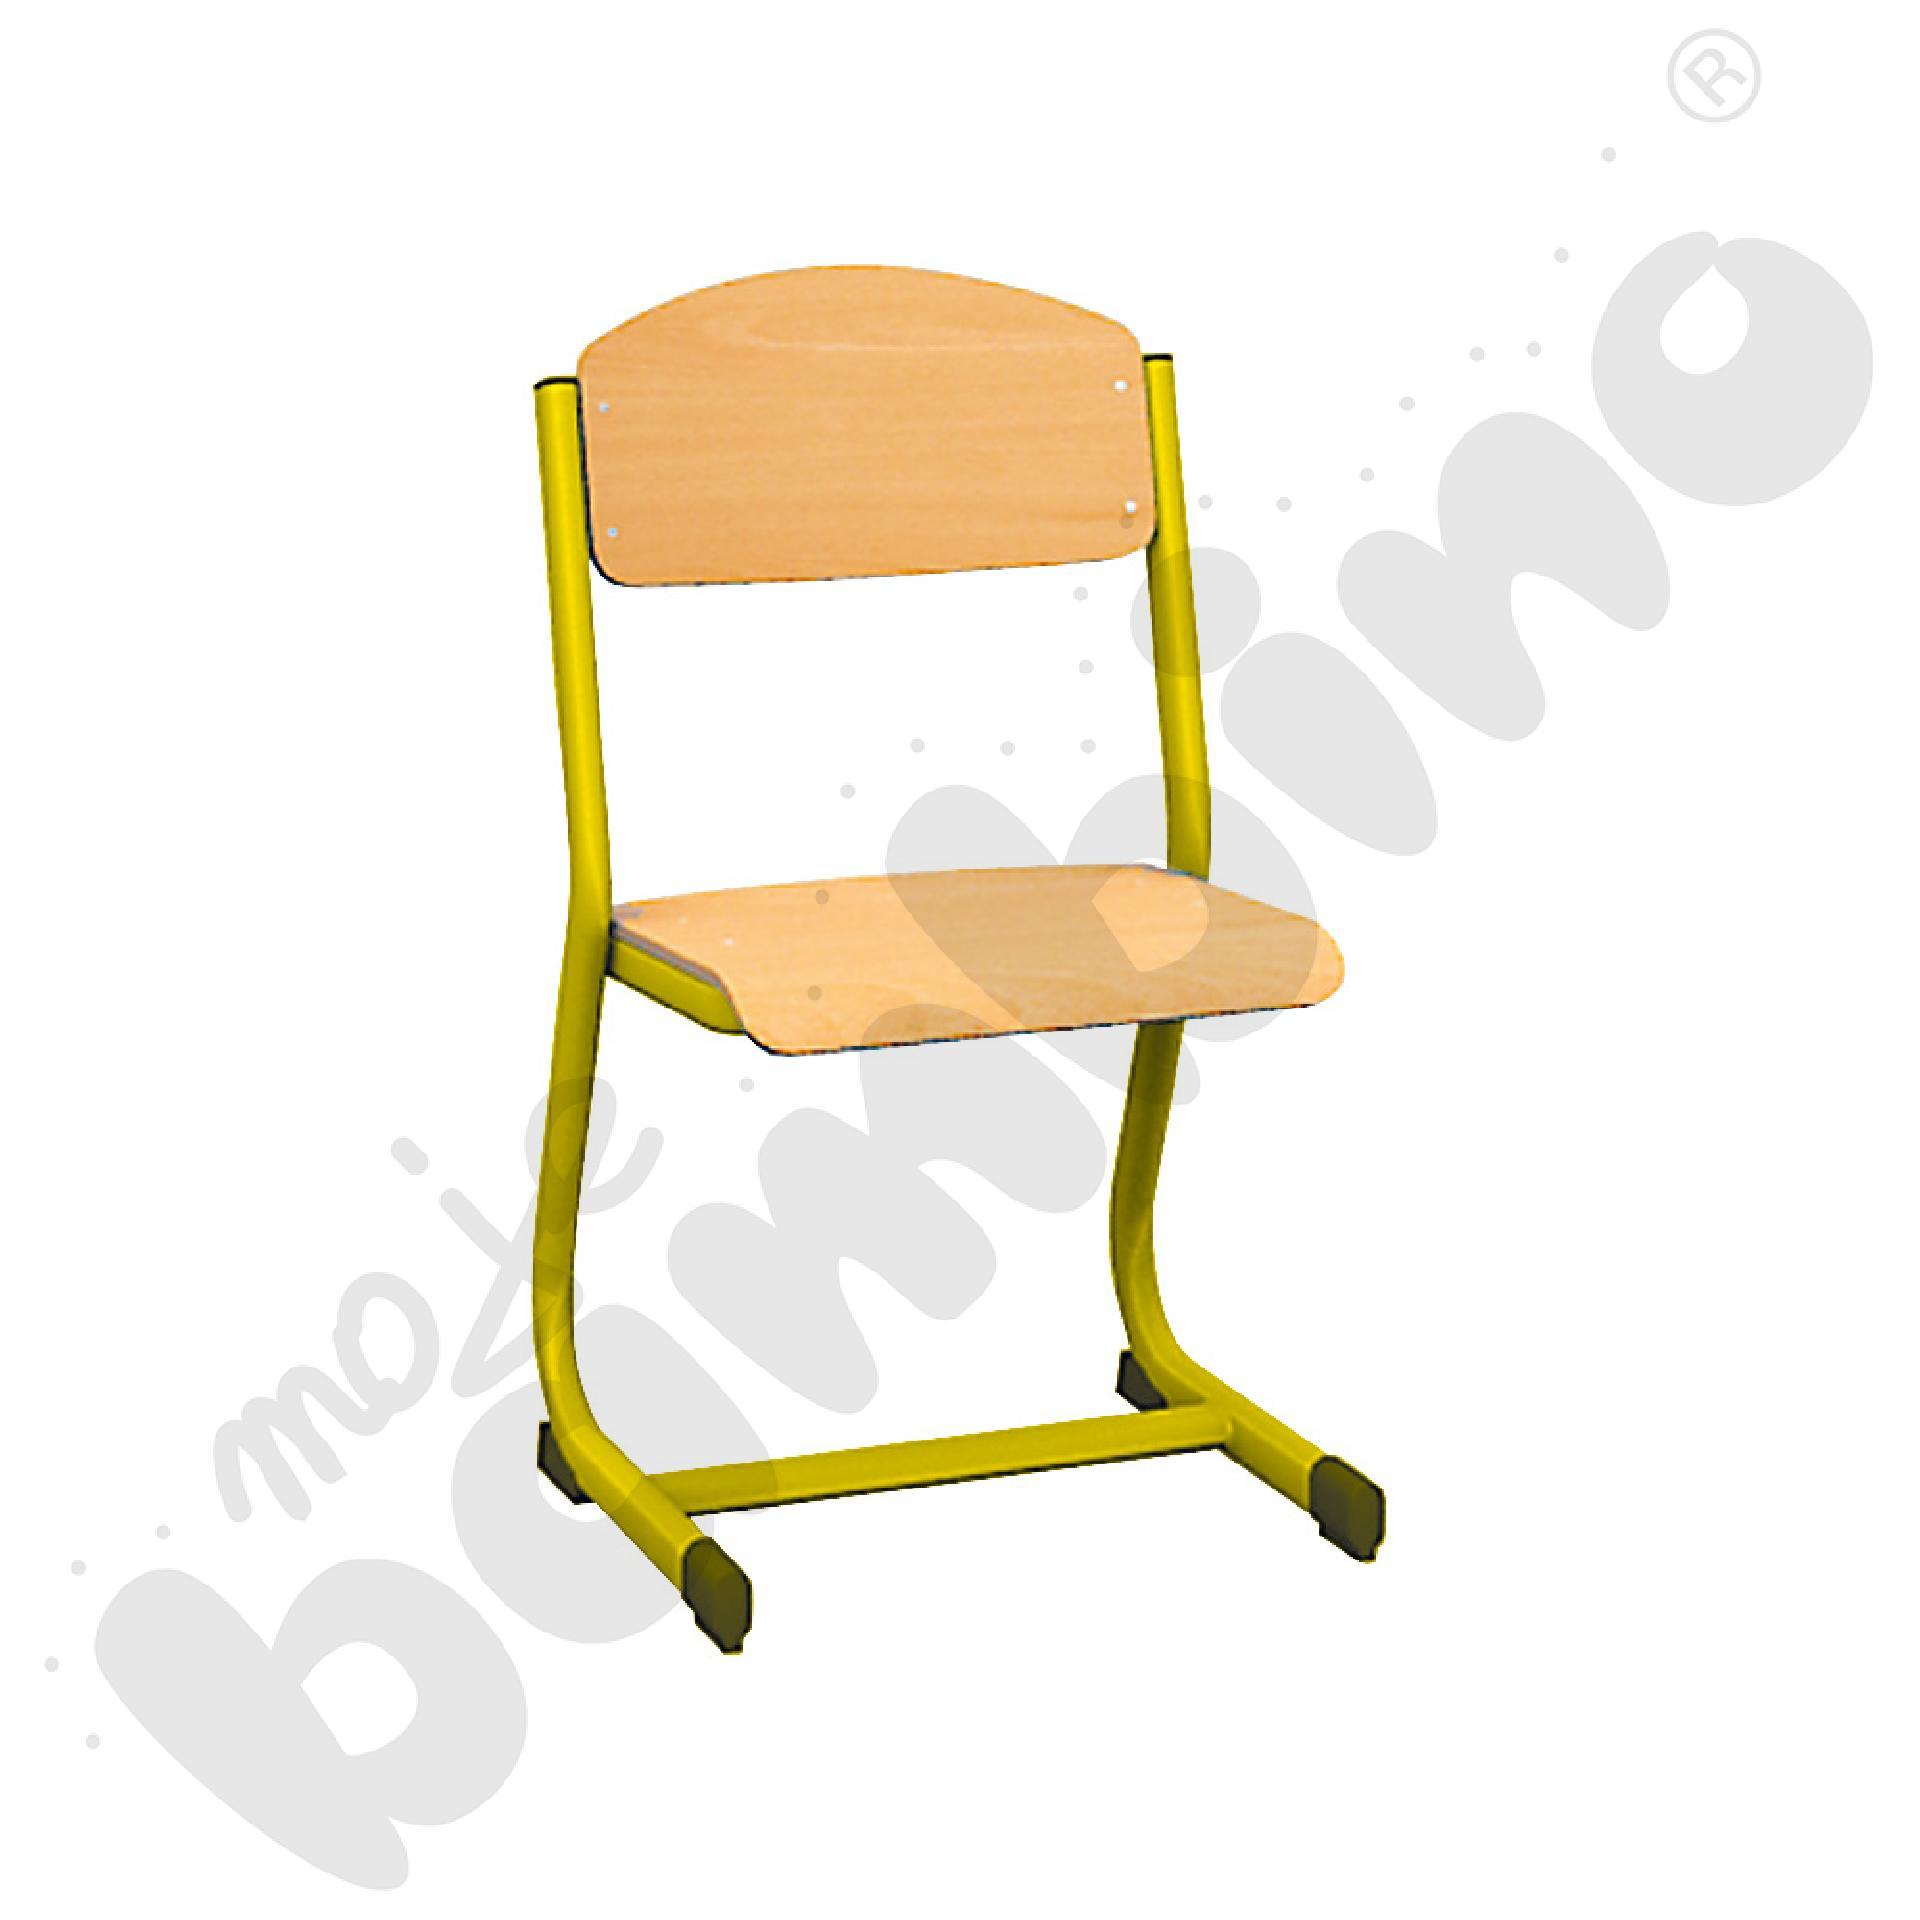 Krzesło IN-C rozm. 6 żółte